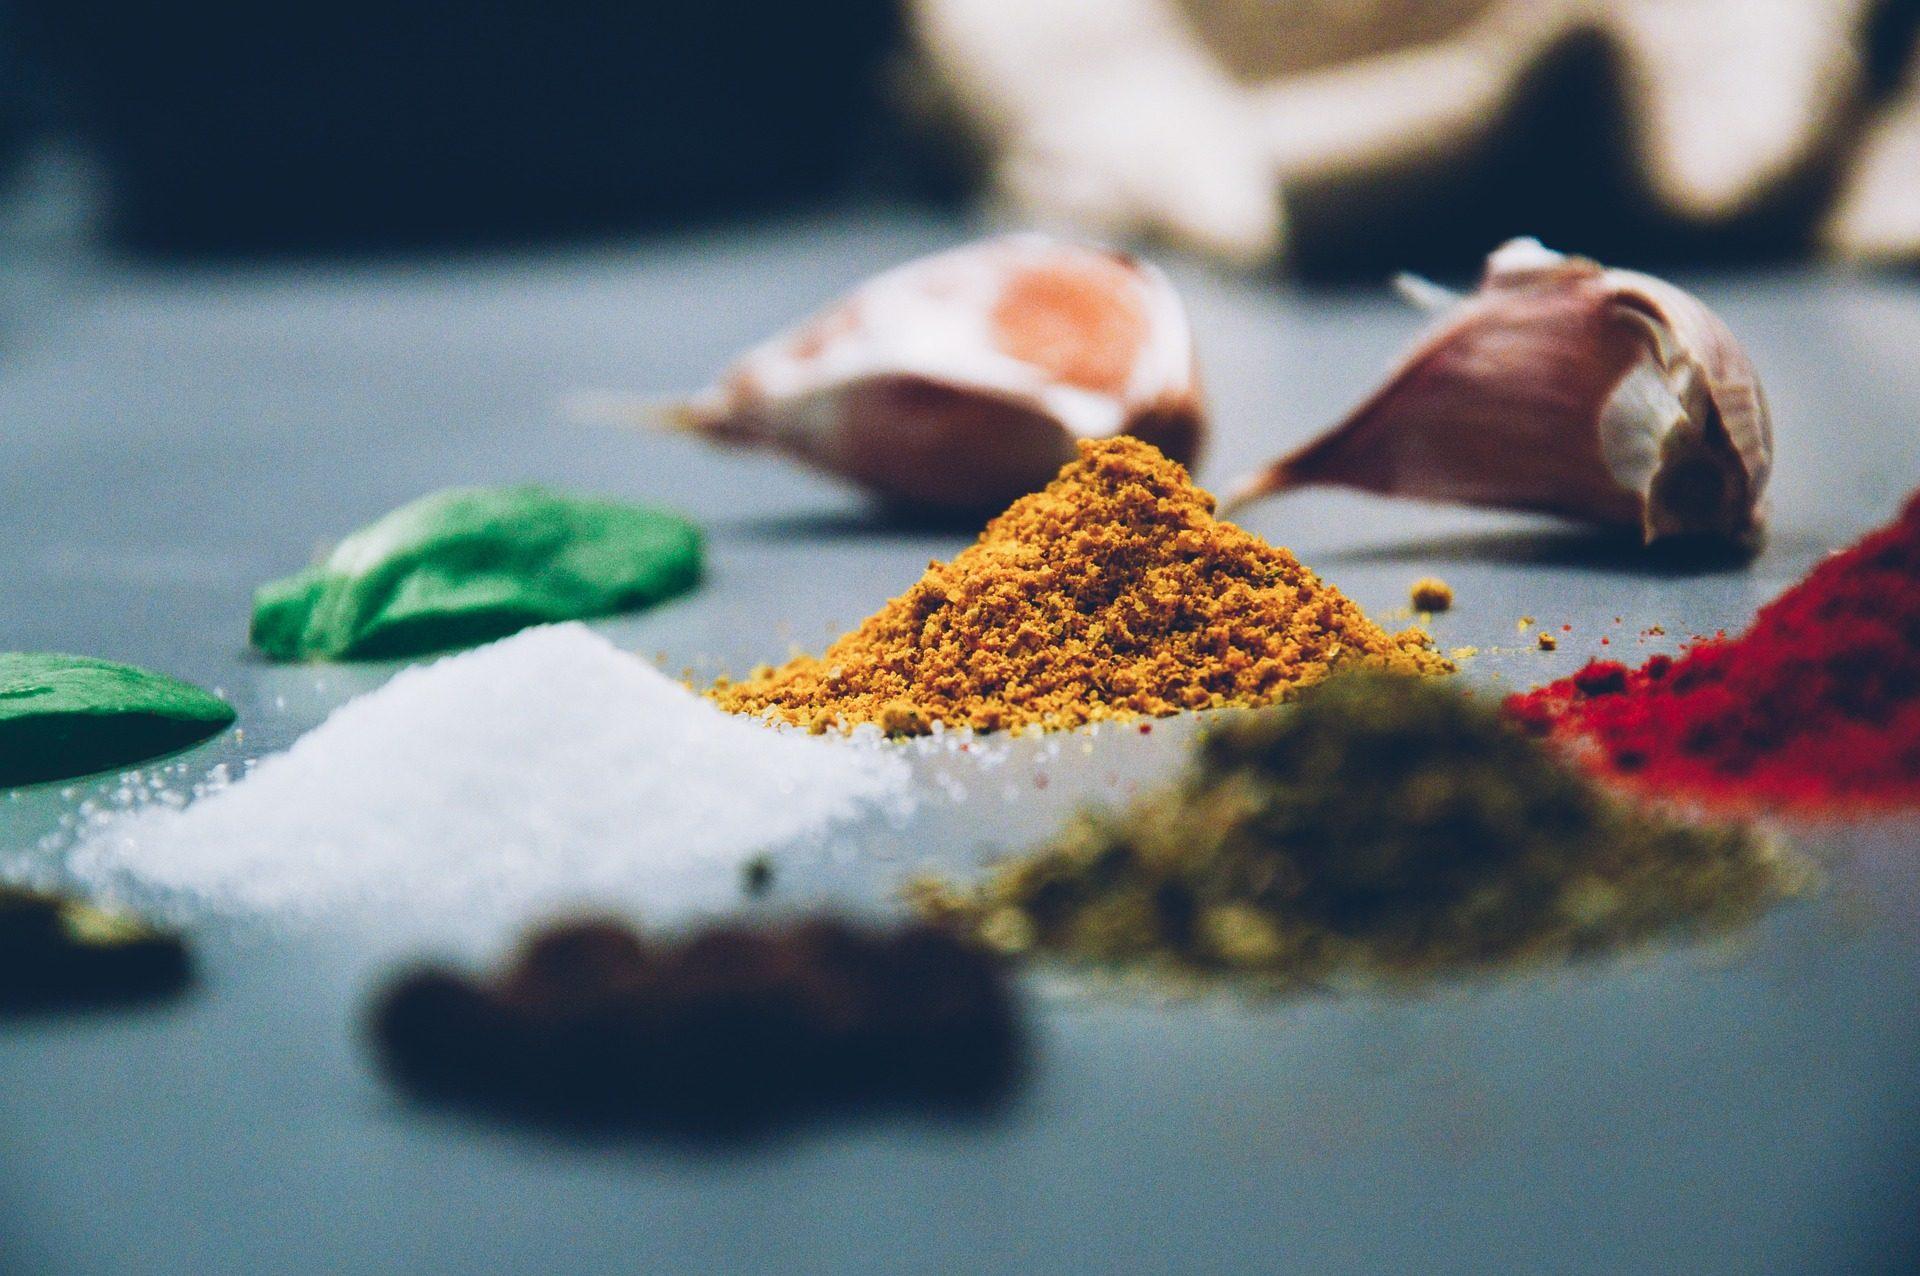 Gewürze, Kräuter, Zutaten, fahren, Salz, Curry, Geschmack - Wallpaper HD - Prof.-falken.com